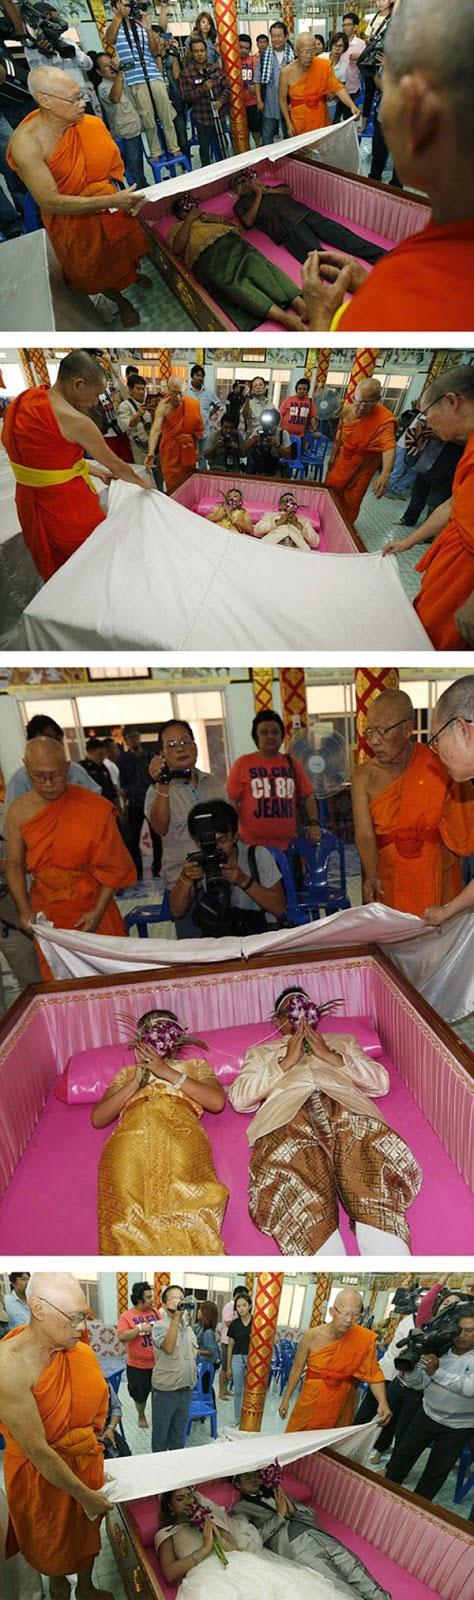 جشن عجیب ازدواج تایلندیها در تابوت ! (+عکس)